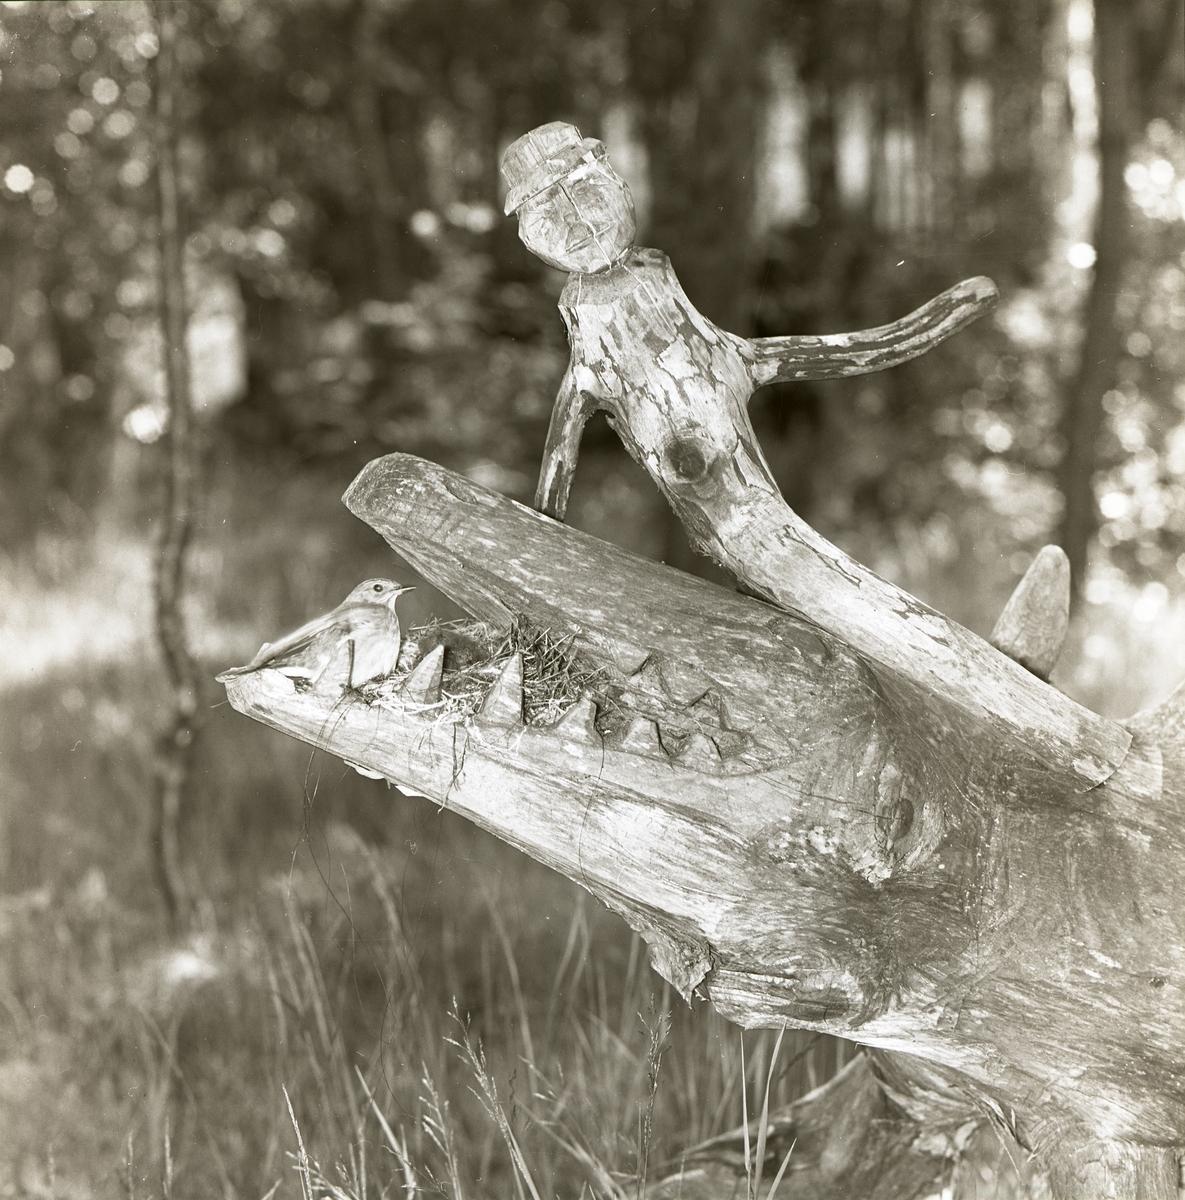 En träskulptur i form av en krokodil med en fågel i gapet vid Järnblästen, 1 juli 1961.